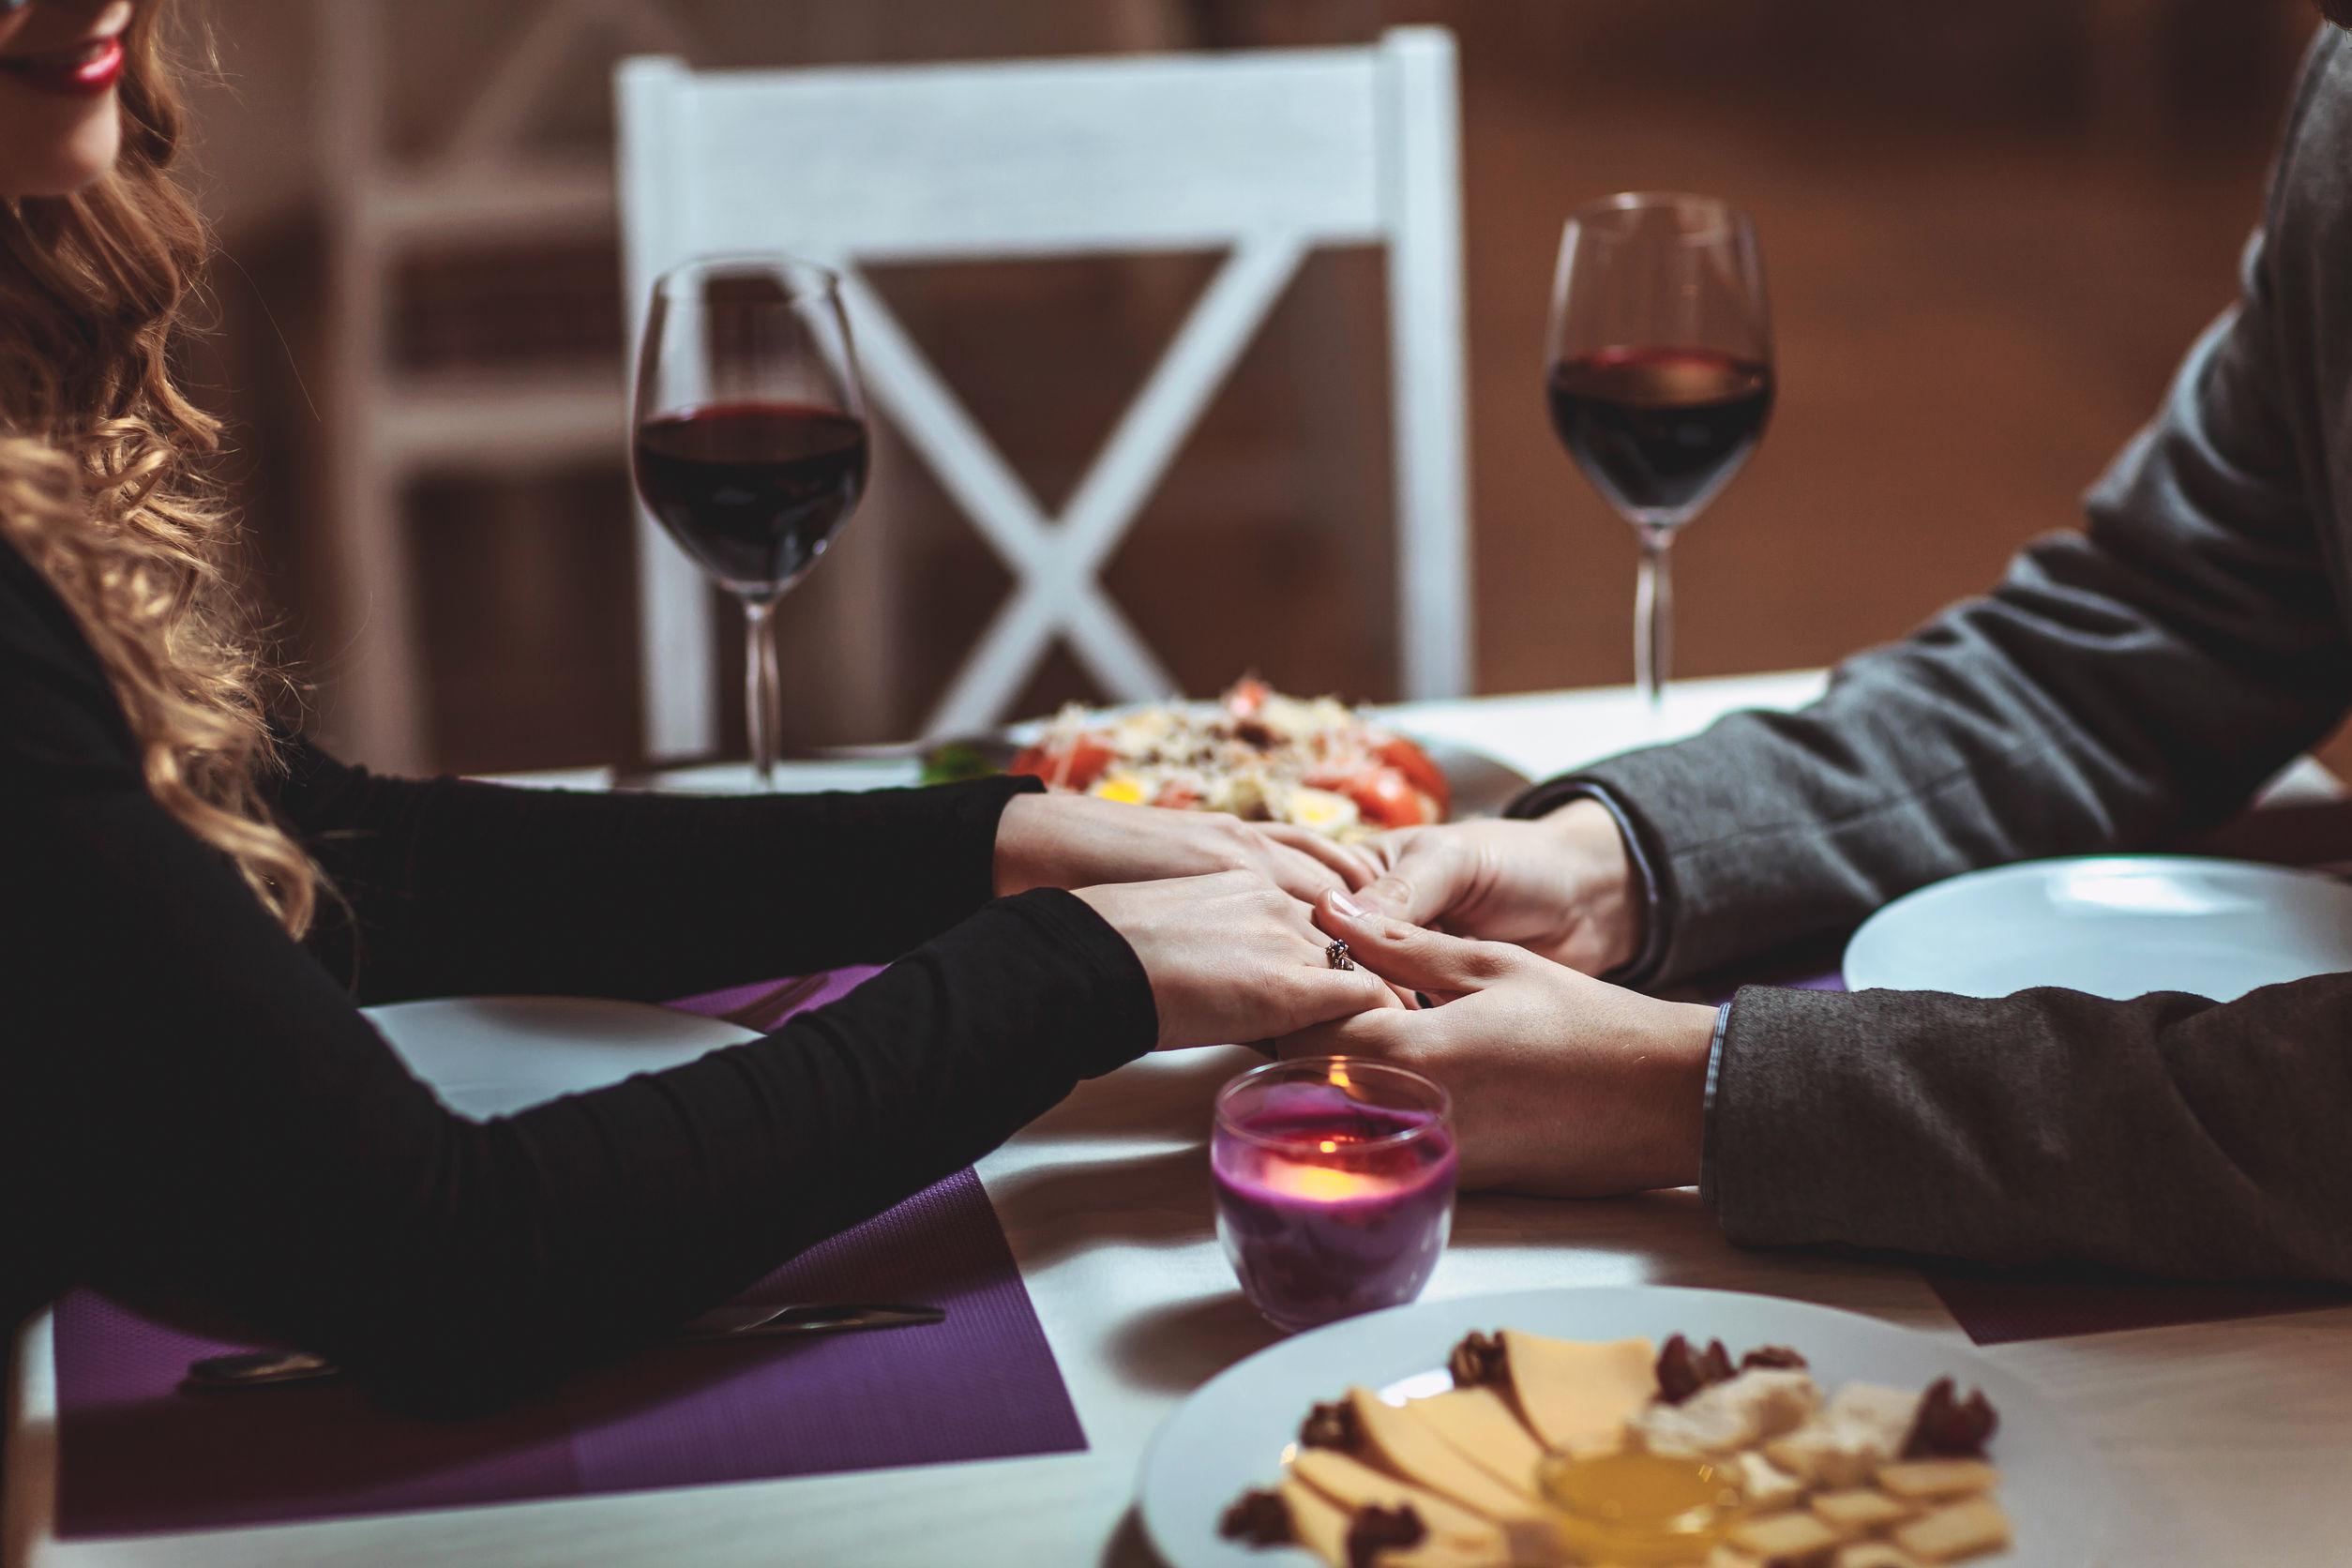 randki w ciemności online w prevodom